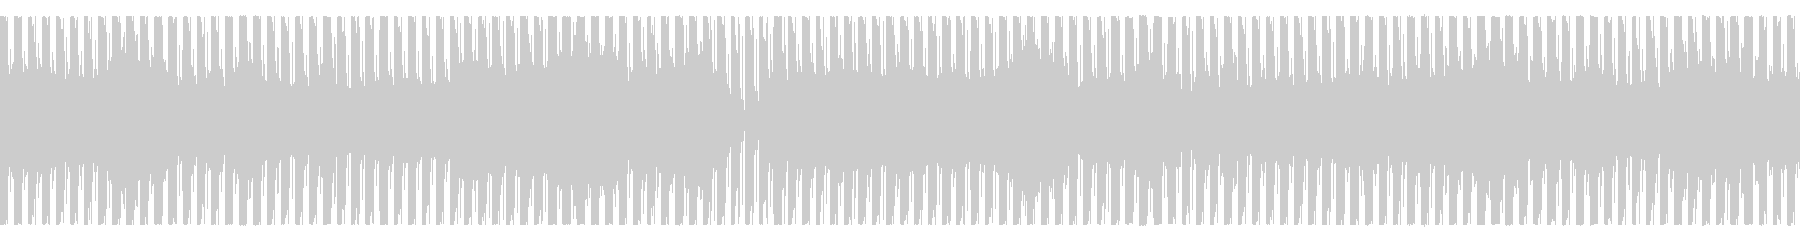 機械的連続音楽 次第に音色がかわっていくの未再生の波形